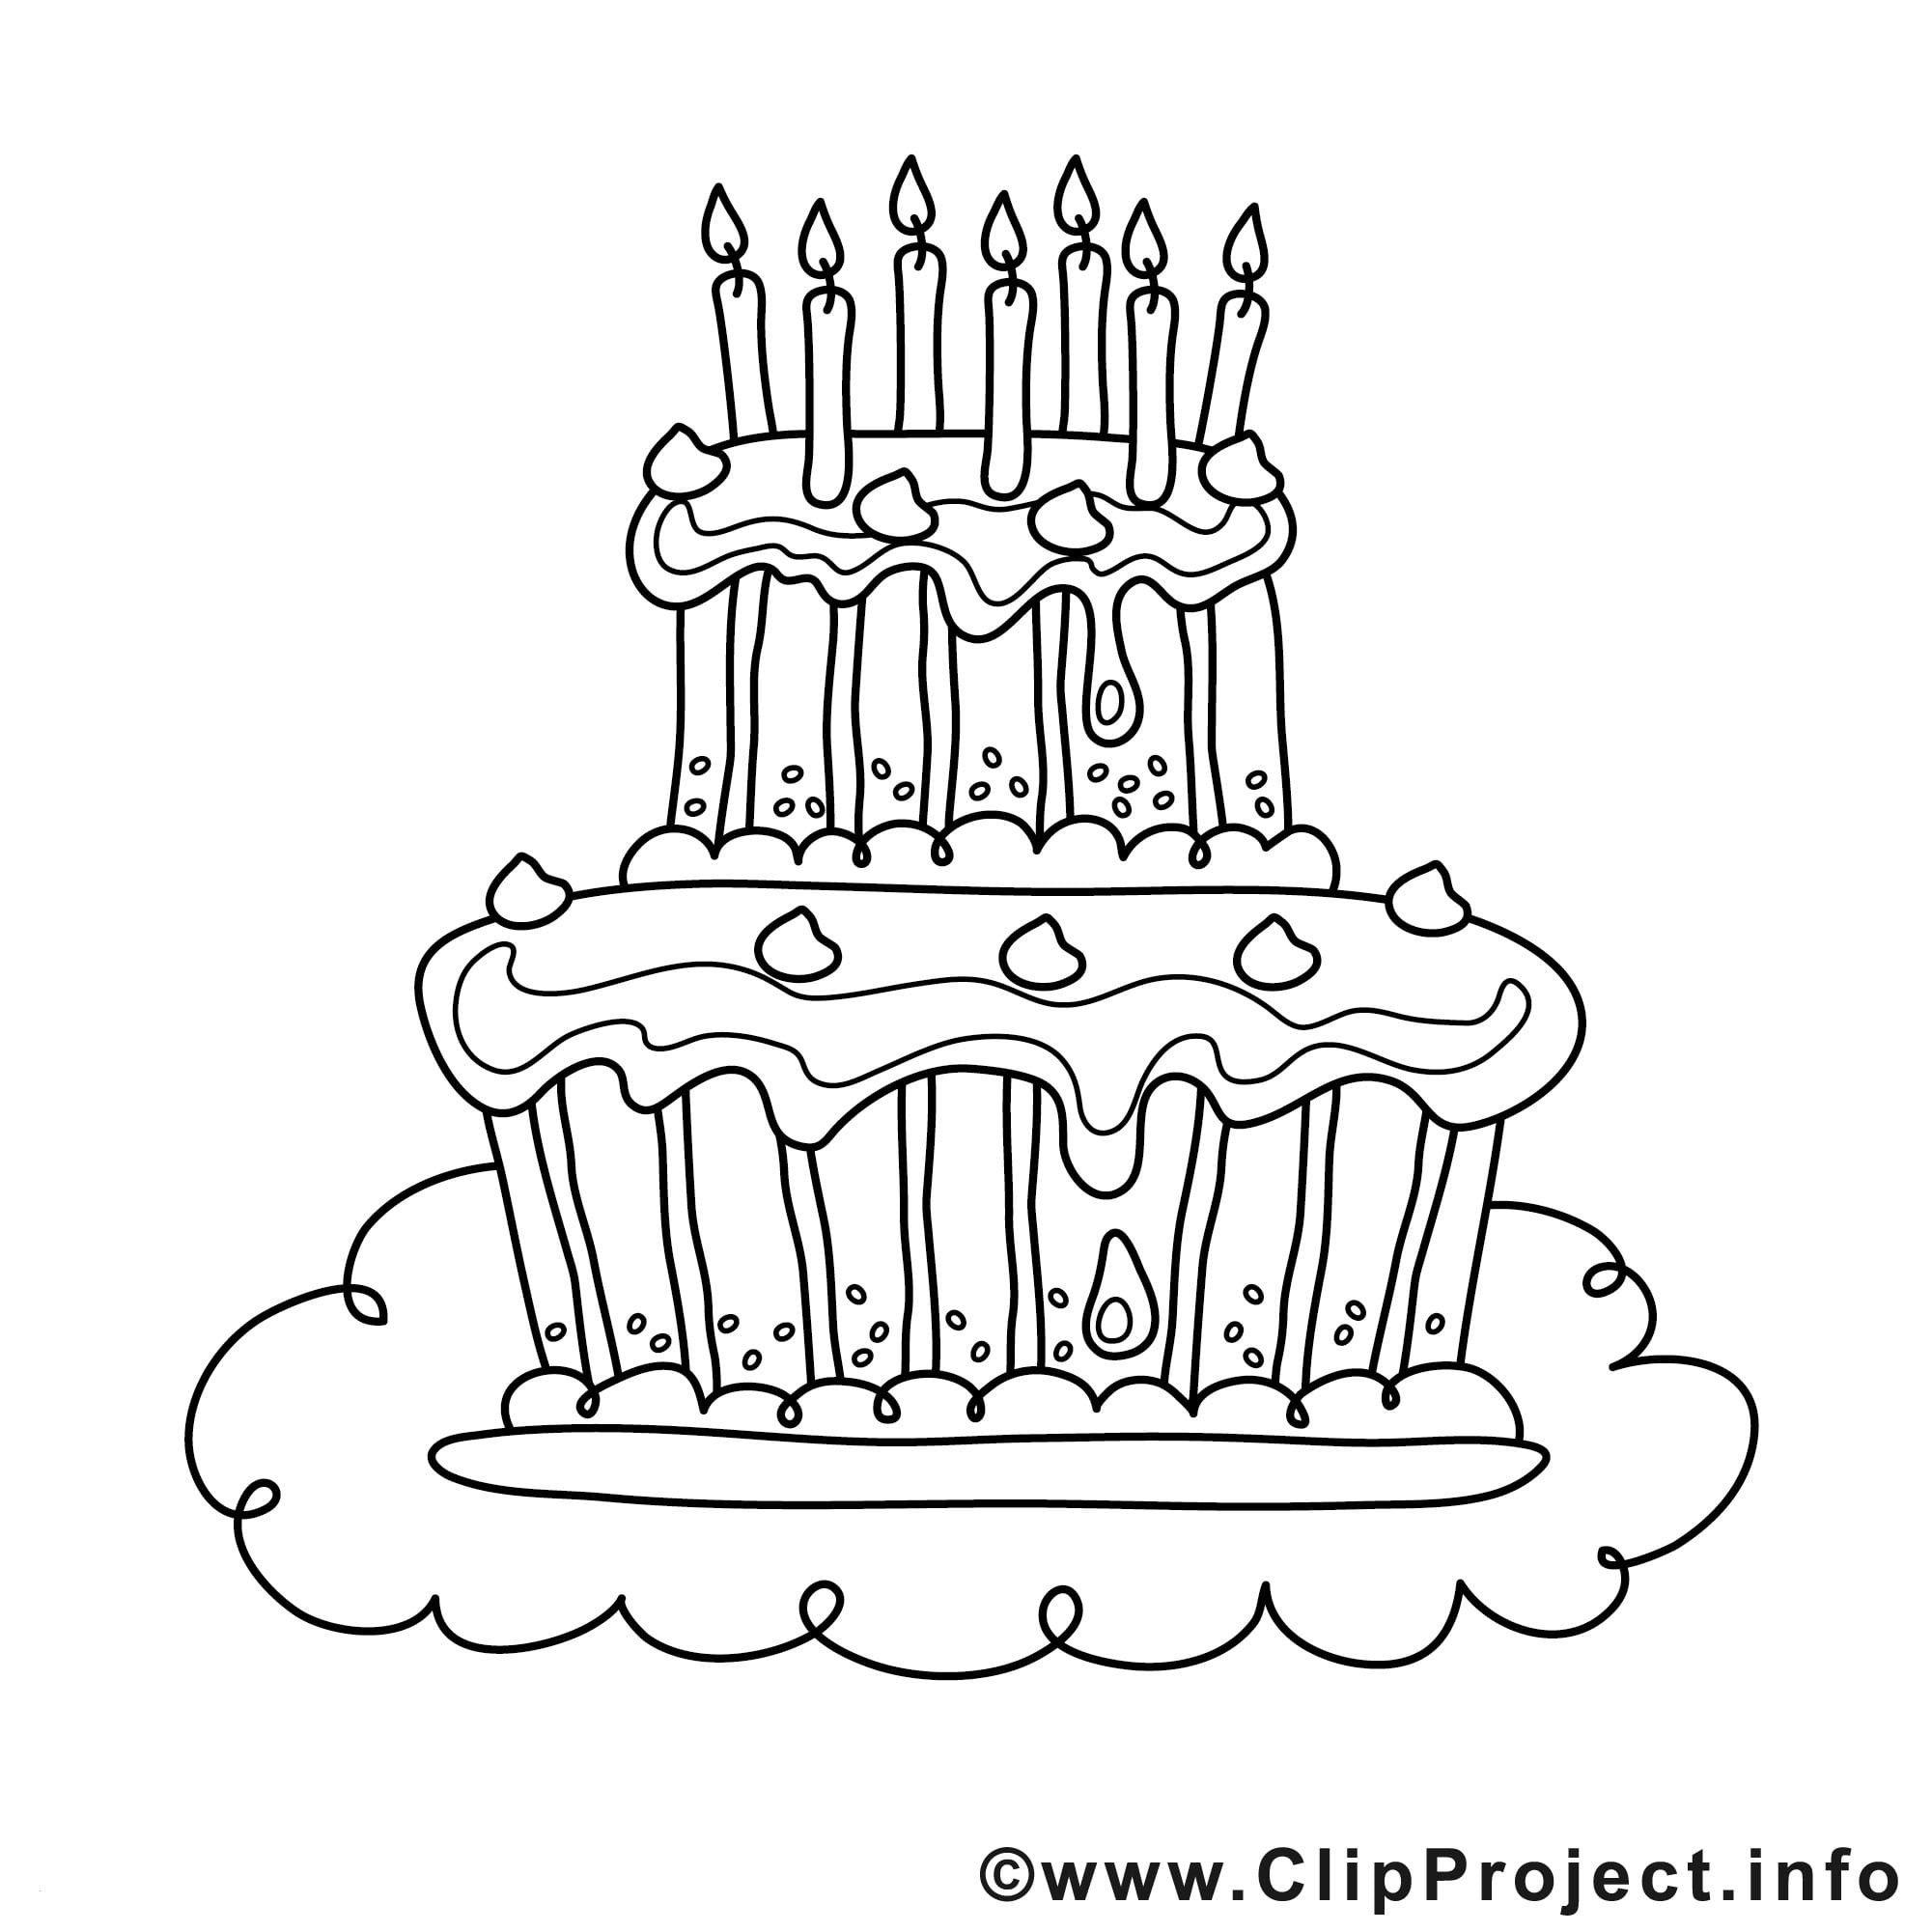 Neu Torte Ausmalen (Mit Bildern) | Ausmalbilder, Ausmalen verwandt mit Ausmalbild Torte